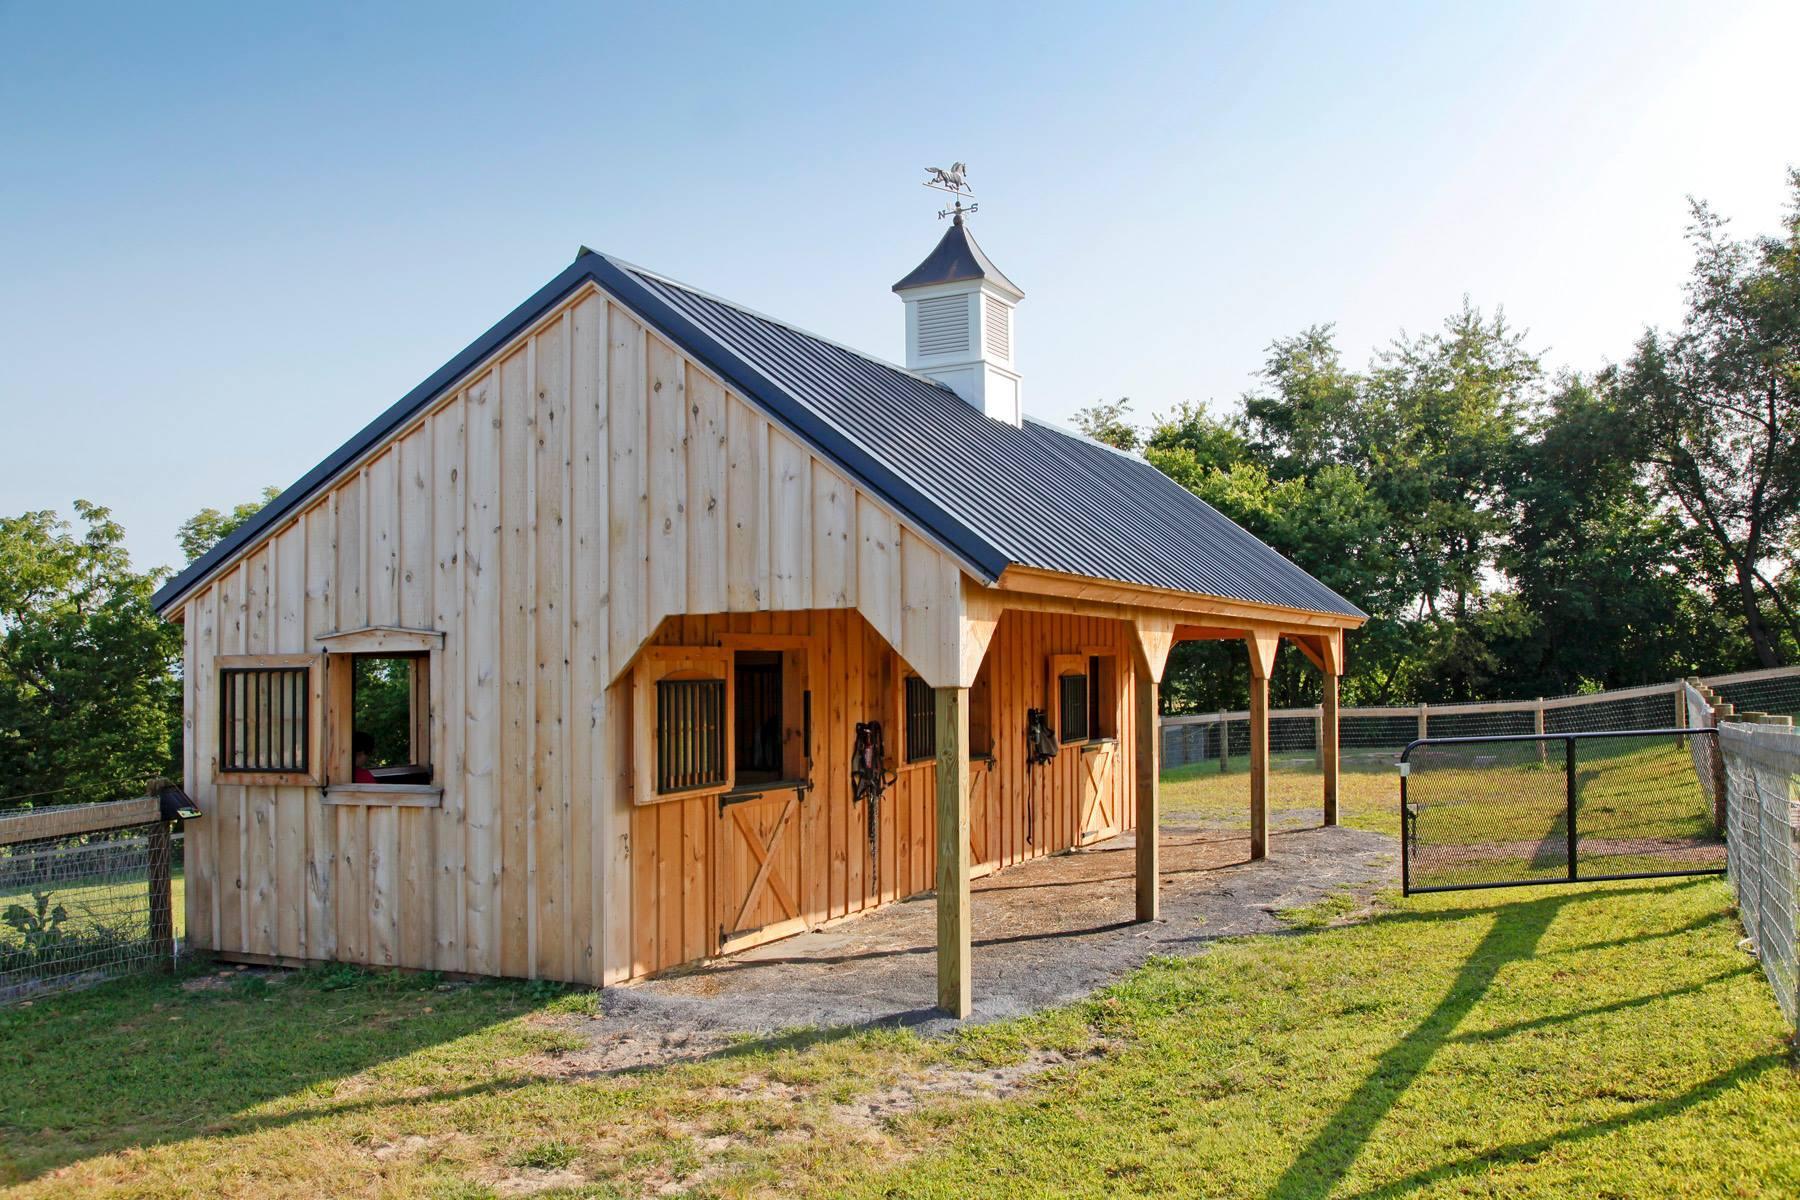 Horse Barn Builders Llc In Gettysburg Pa 17325